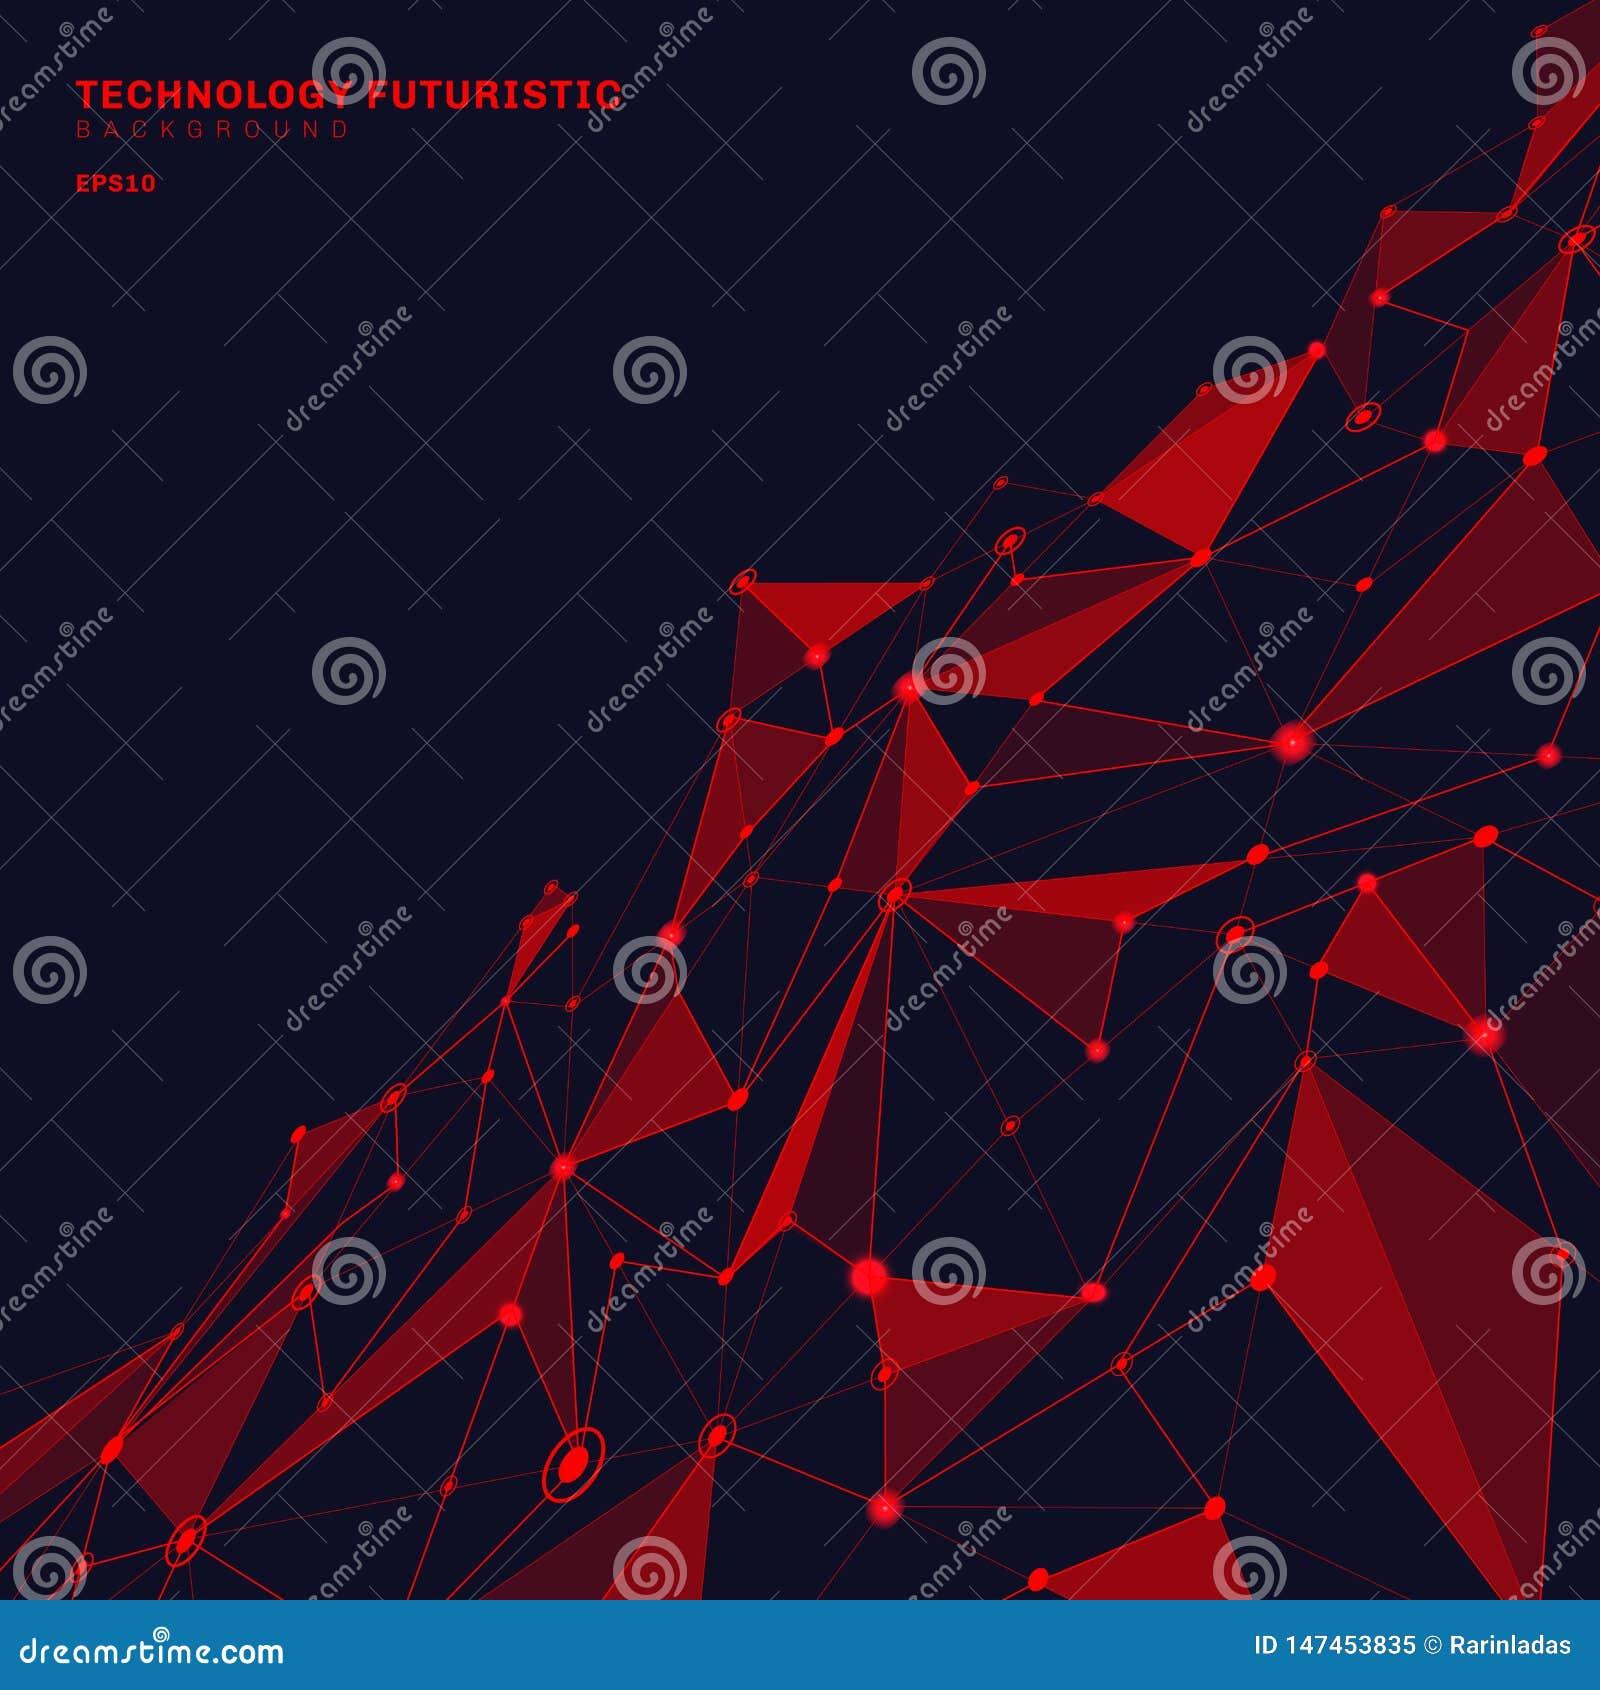 Αφηρημένες κόκκινες polygonal μορφές στο σκούρο μπλε υπόβαθρο προοπτικής που αποτελείται από τις γραμμές και τα σημεία υπό μορφή